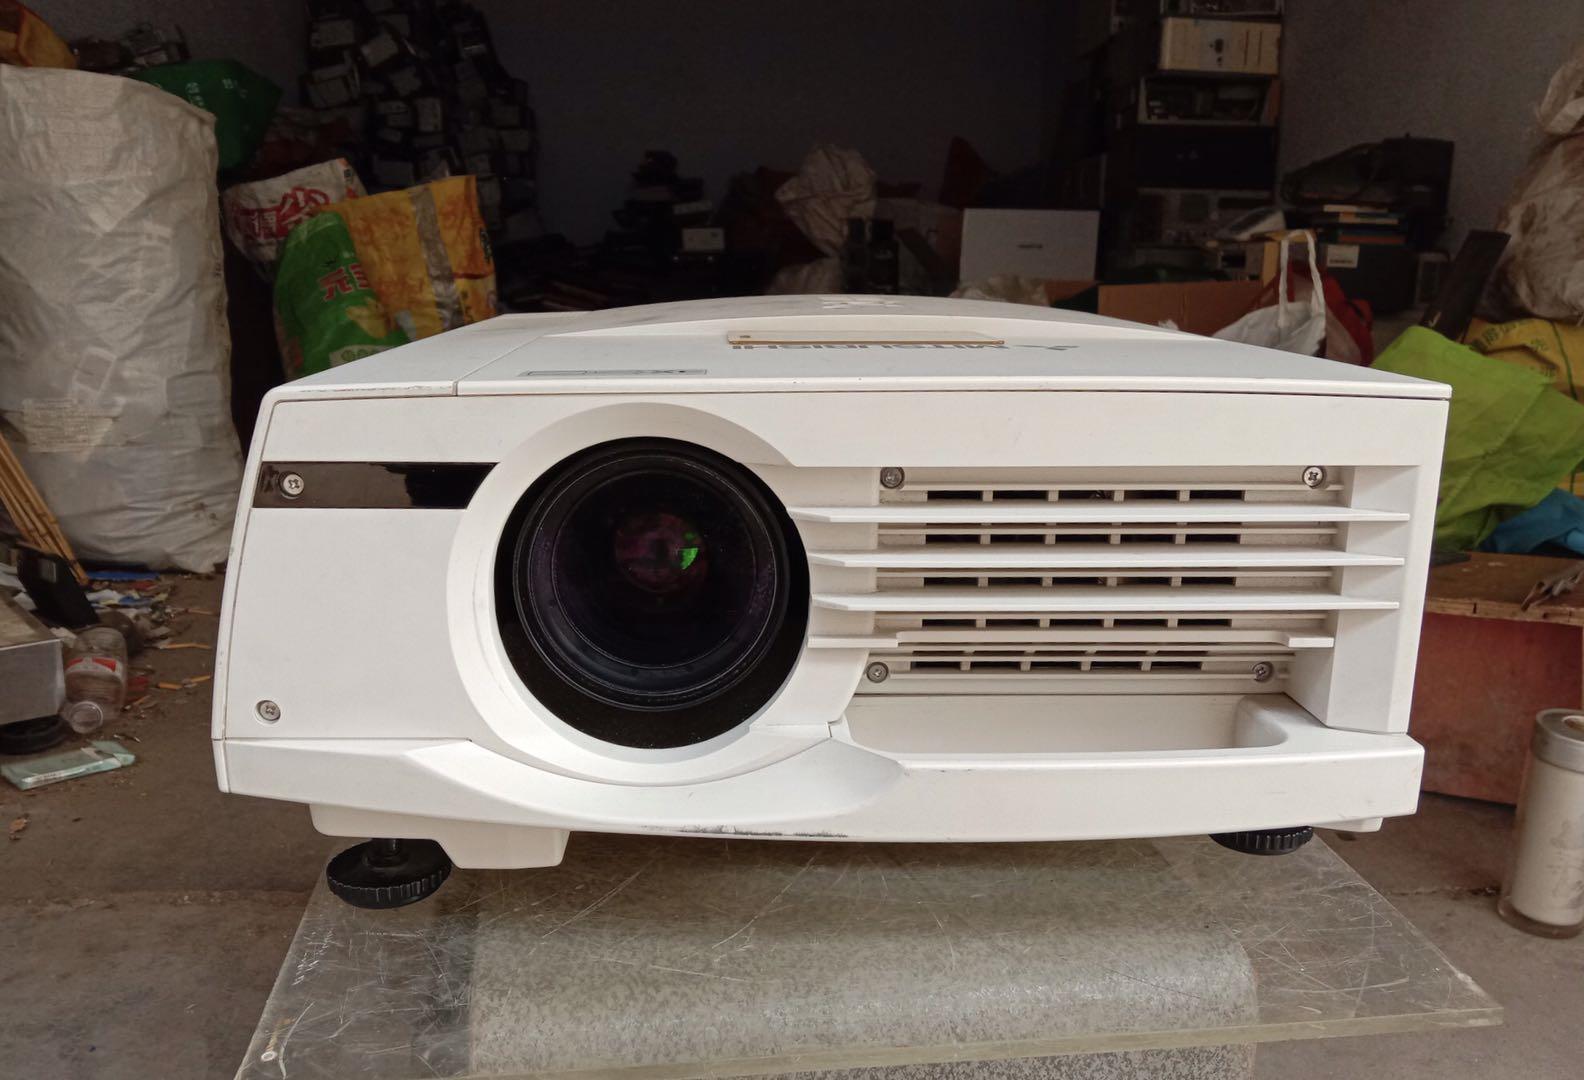 二手三菱工业投影机,型号LX-7300LS晶度很好